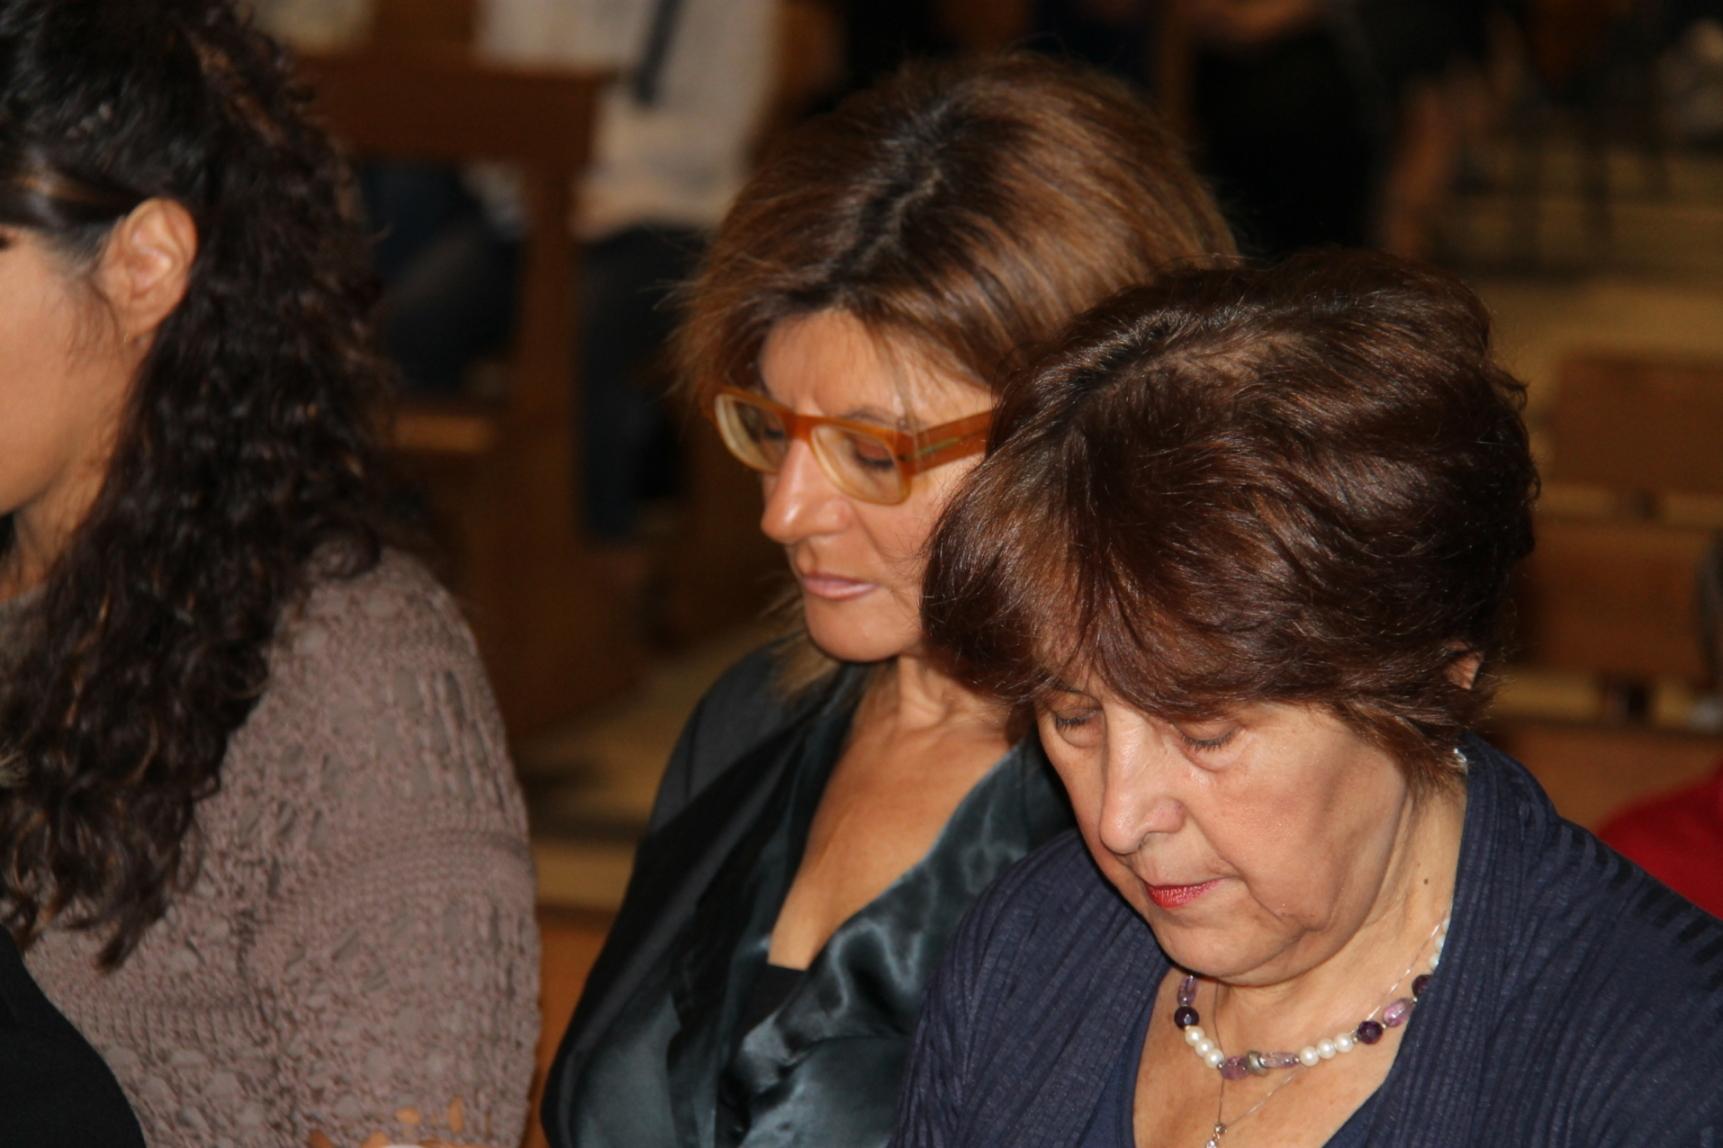 inaugurazione_anno_catechistico_e_anno_della_fede_2012-10-07-11-28-51